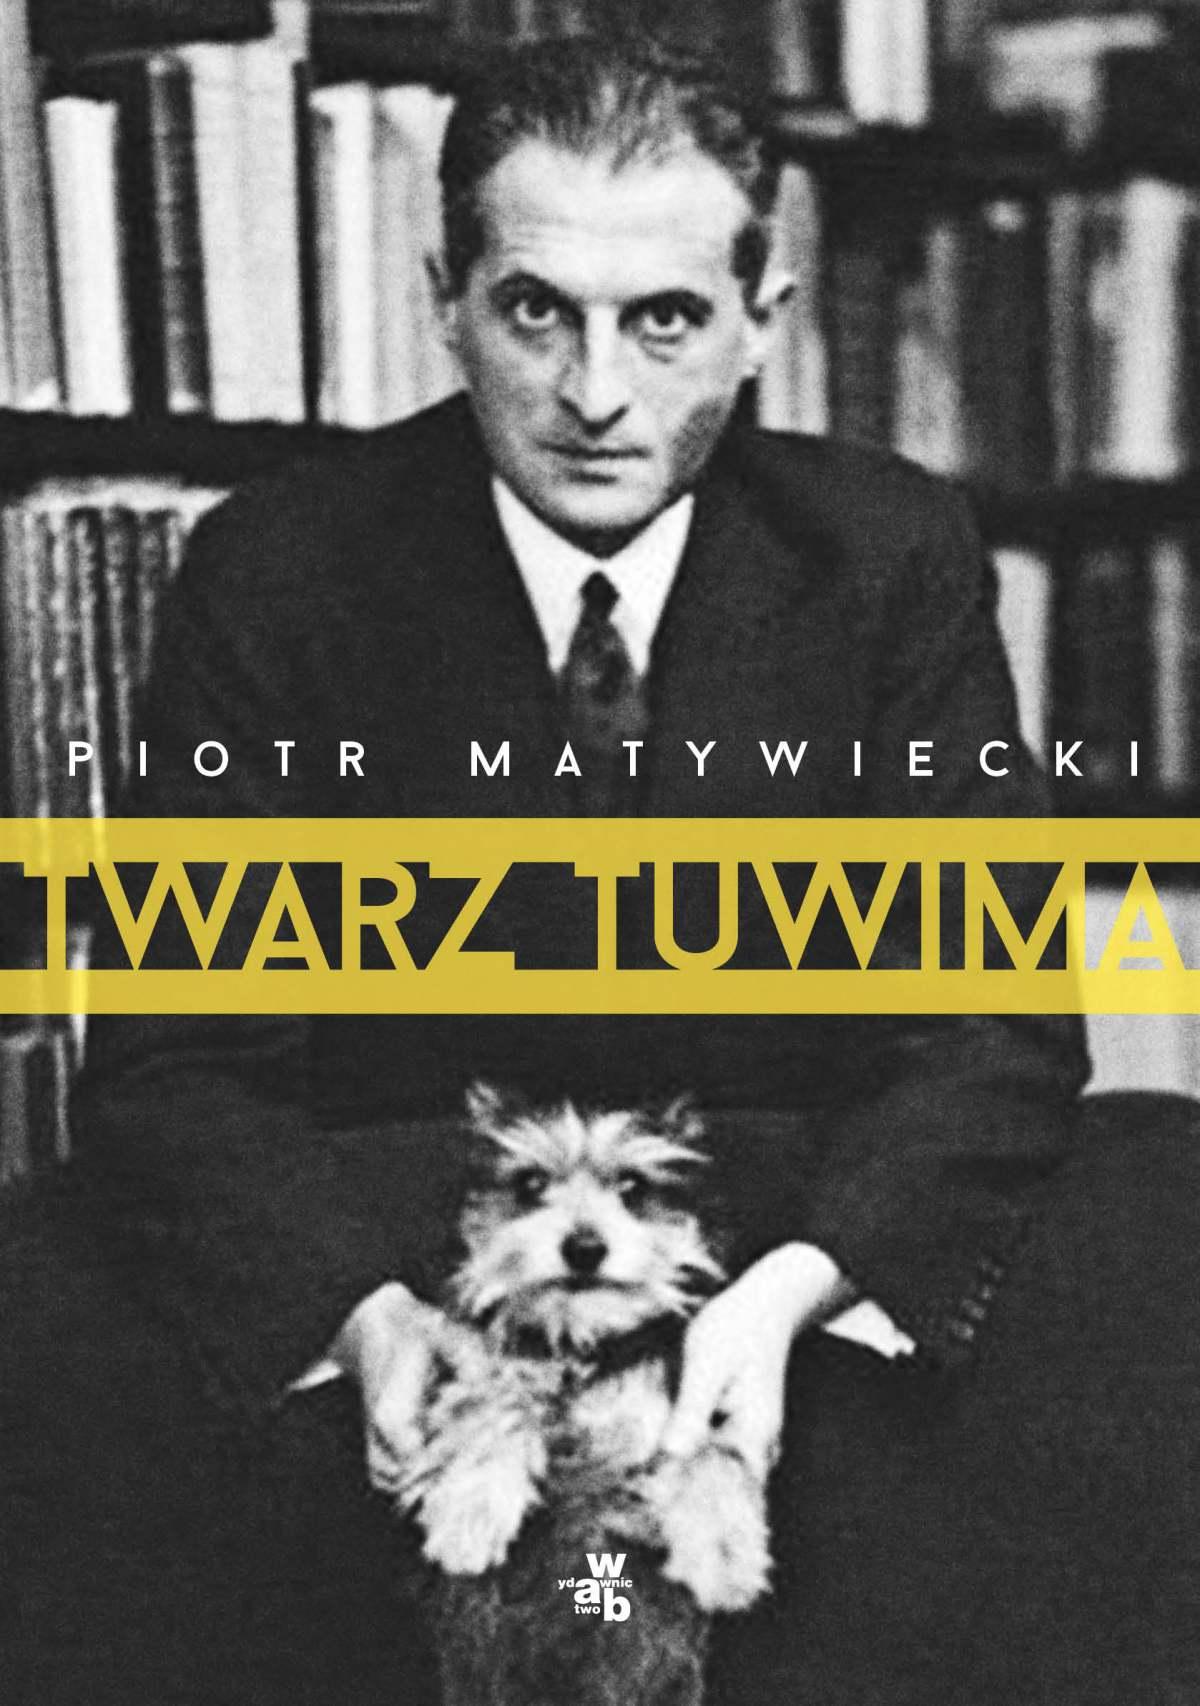 Twarz Tuwima - Ebook (Książka EPUB) do pobrania w formacie EPUB